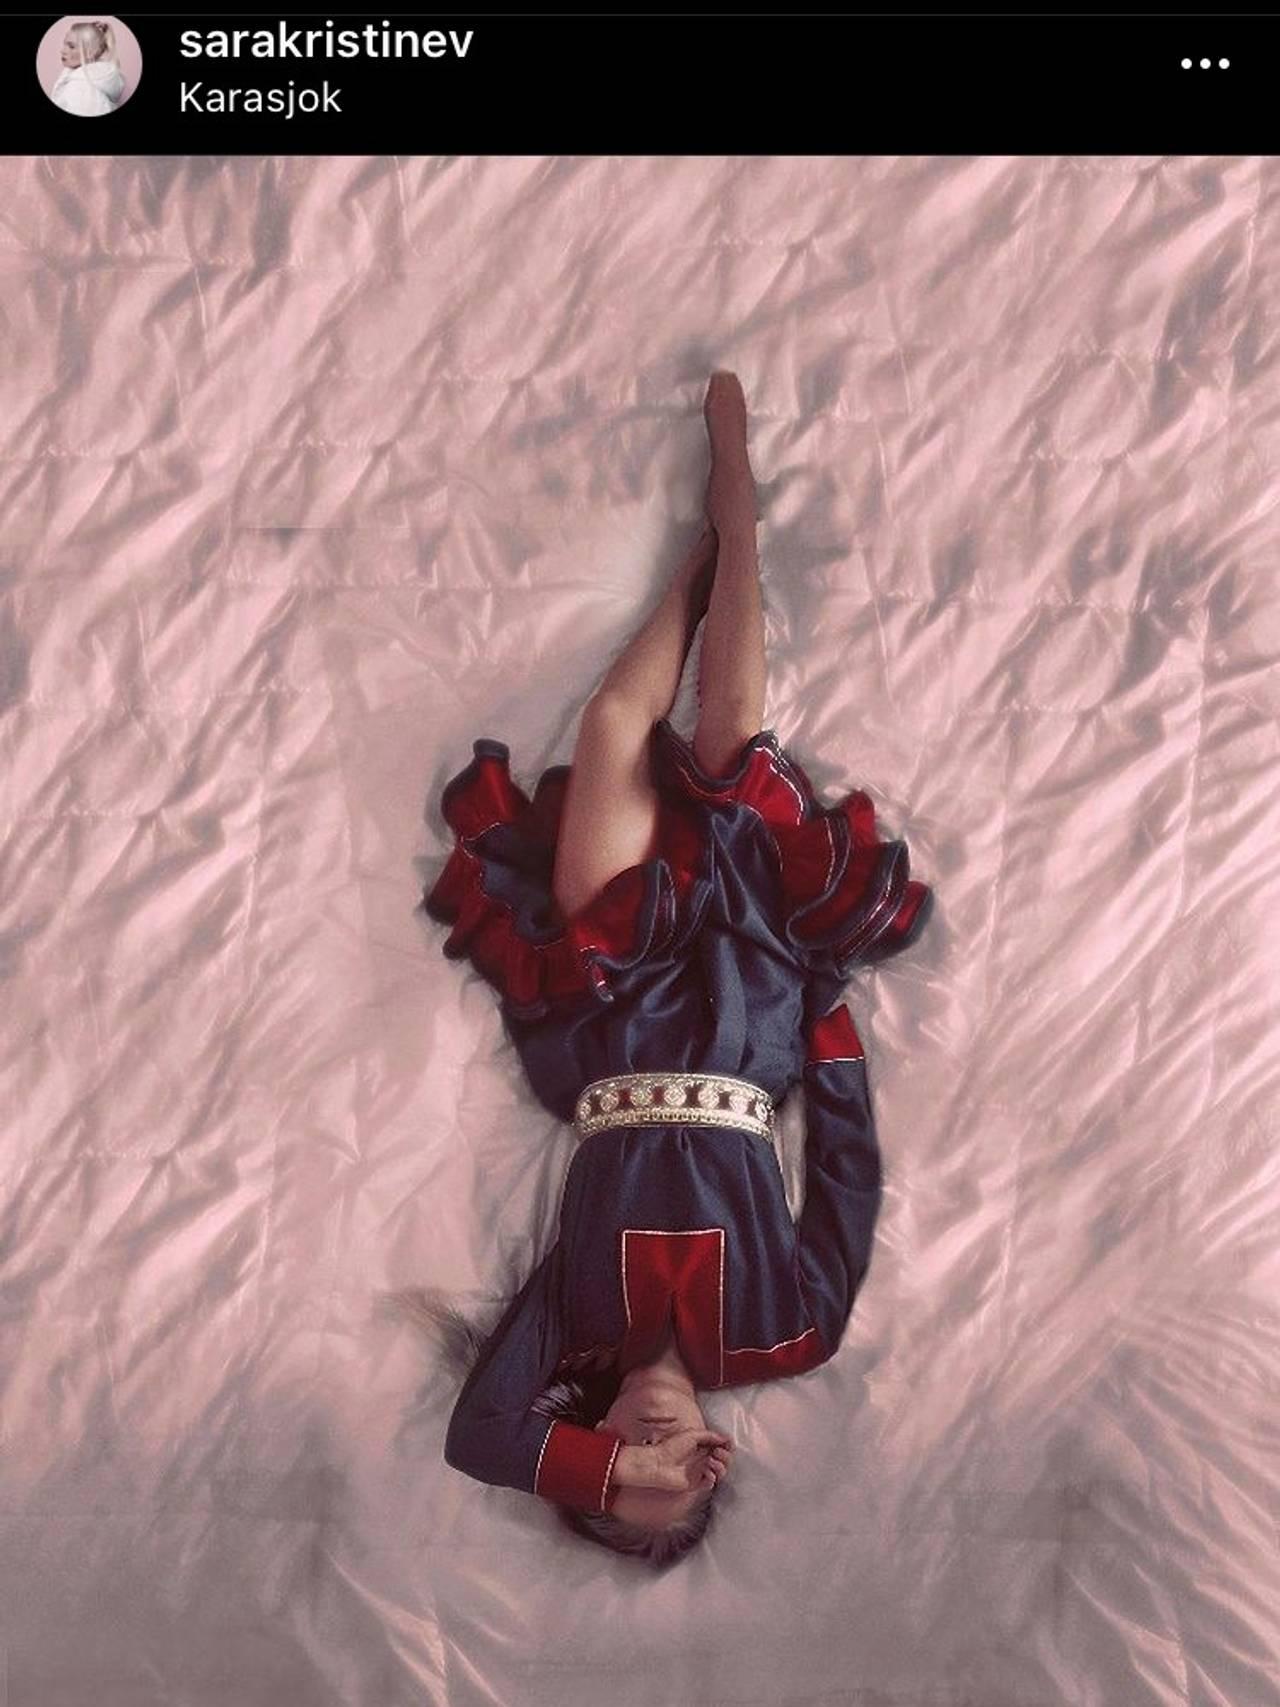 Sara Kristine Vuolab i kofte ligger på et laken med kofta på. Armen er slengt over ansiktet som om hun har det vondt.